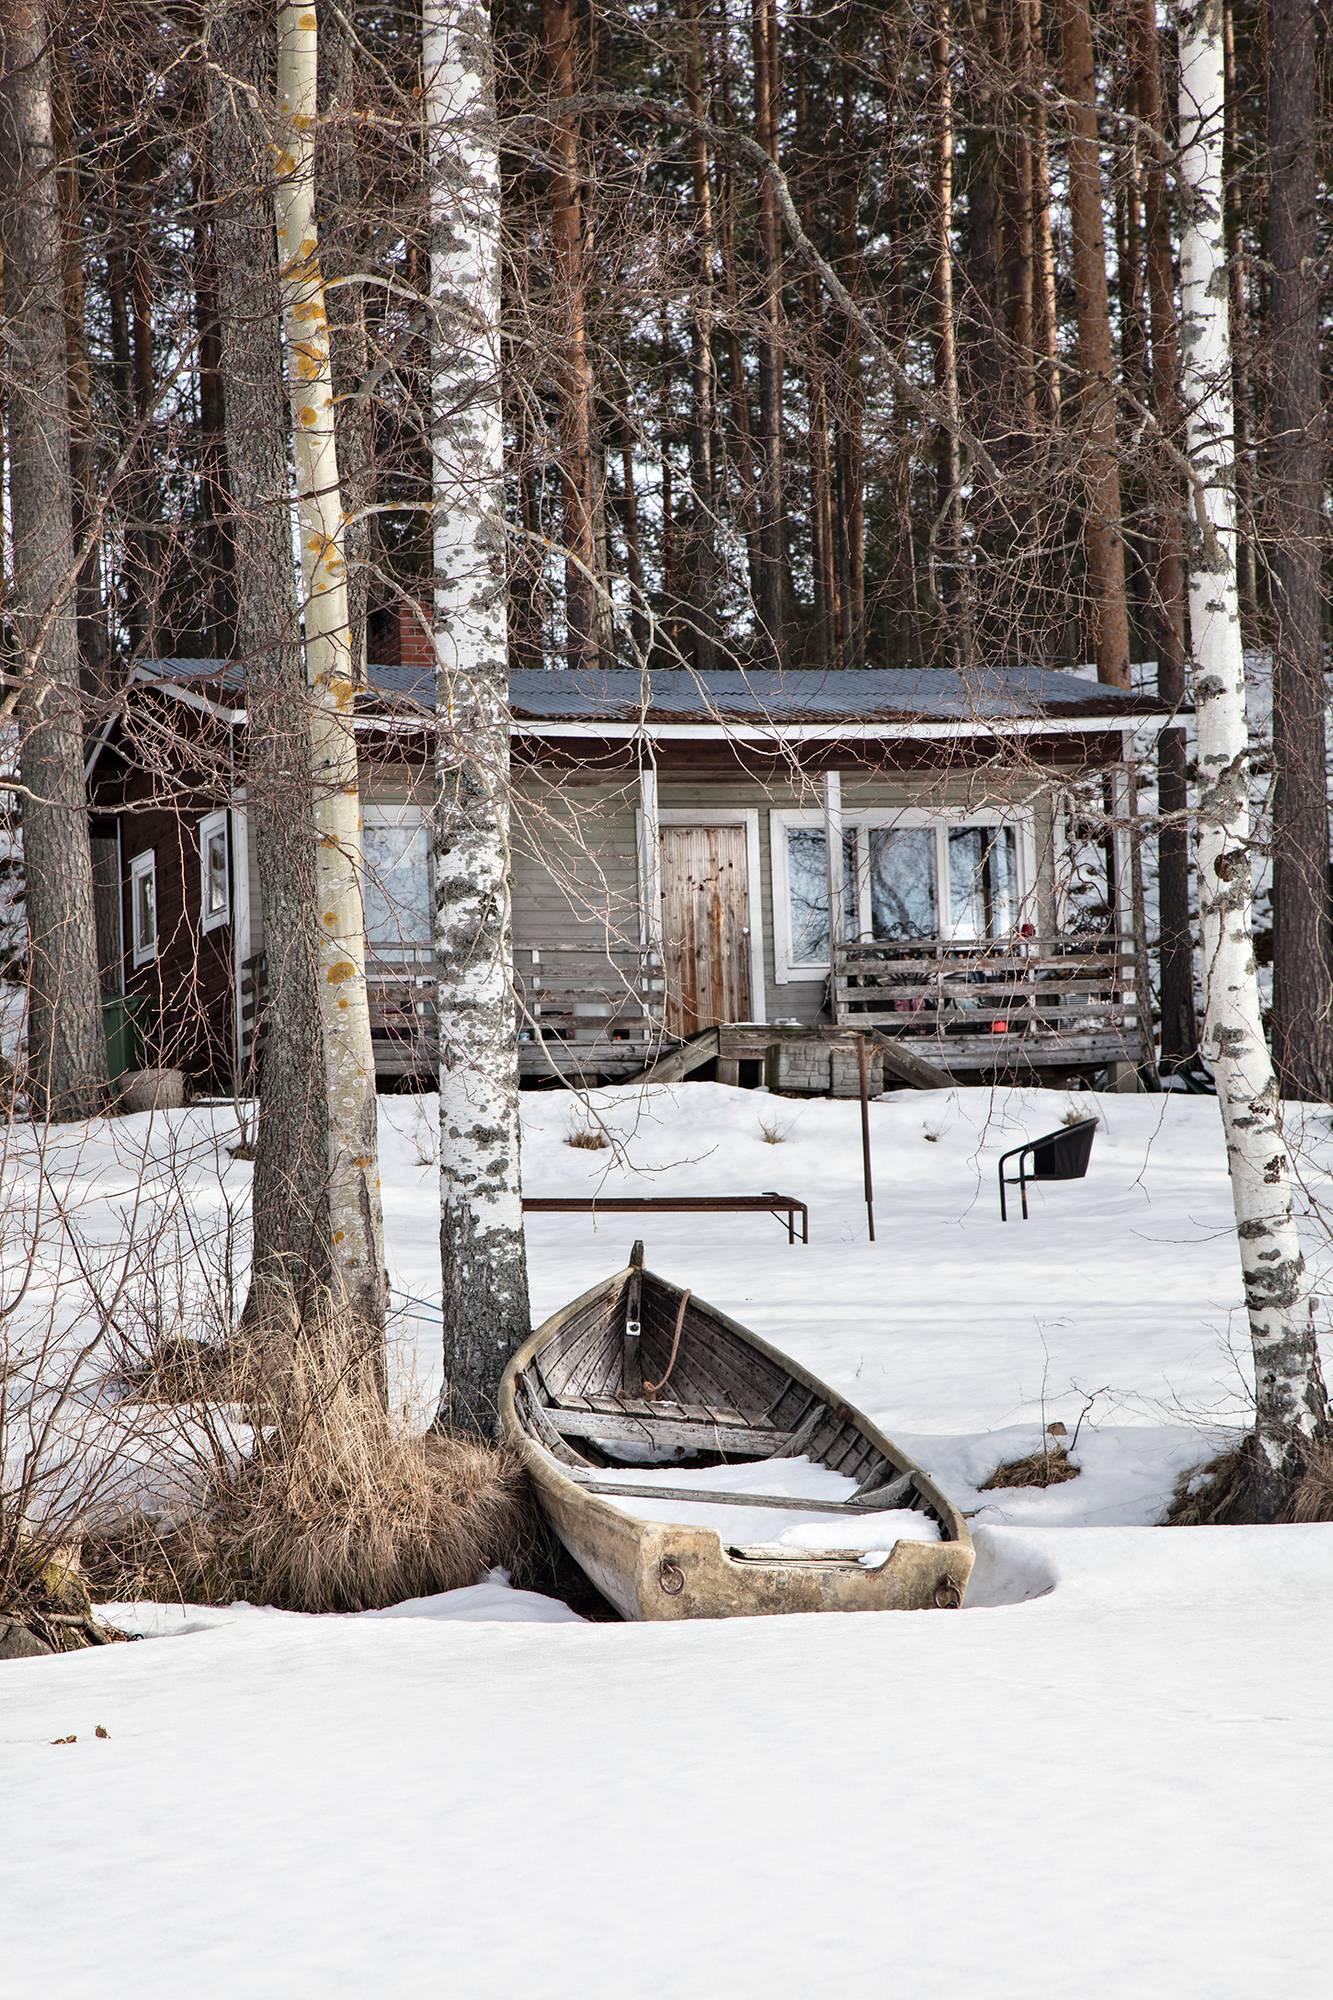 Polvijärven mökillä on kuollut neljä ihmistä.